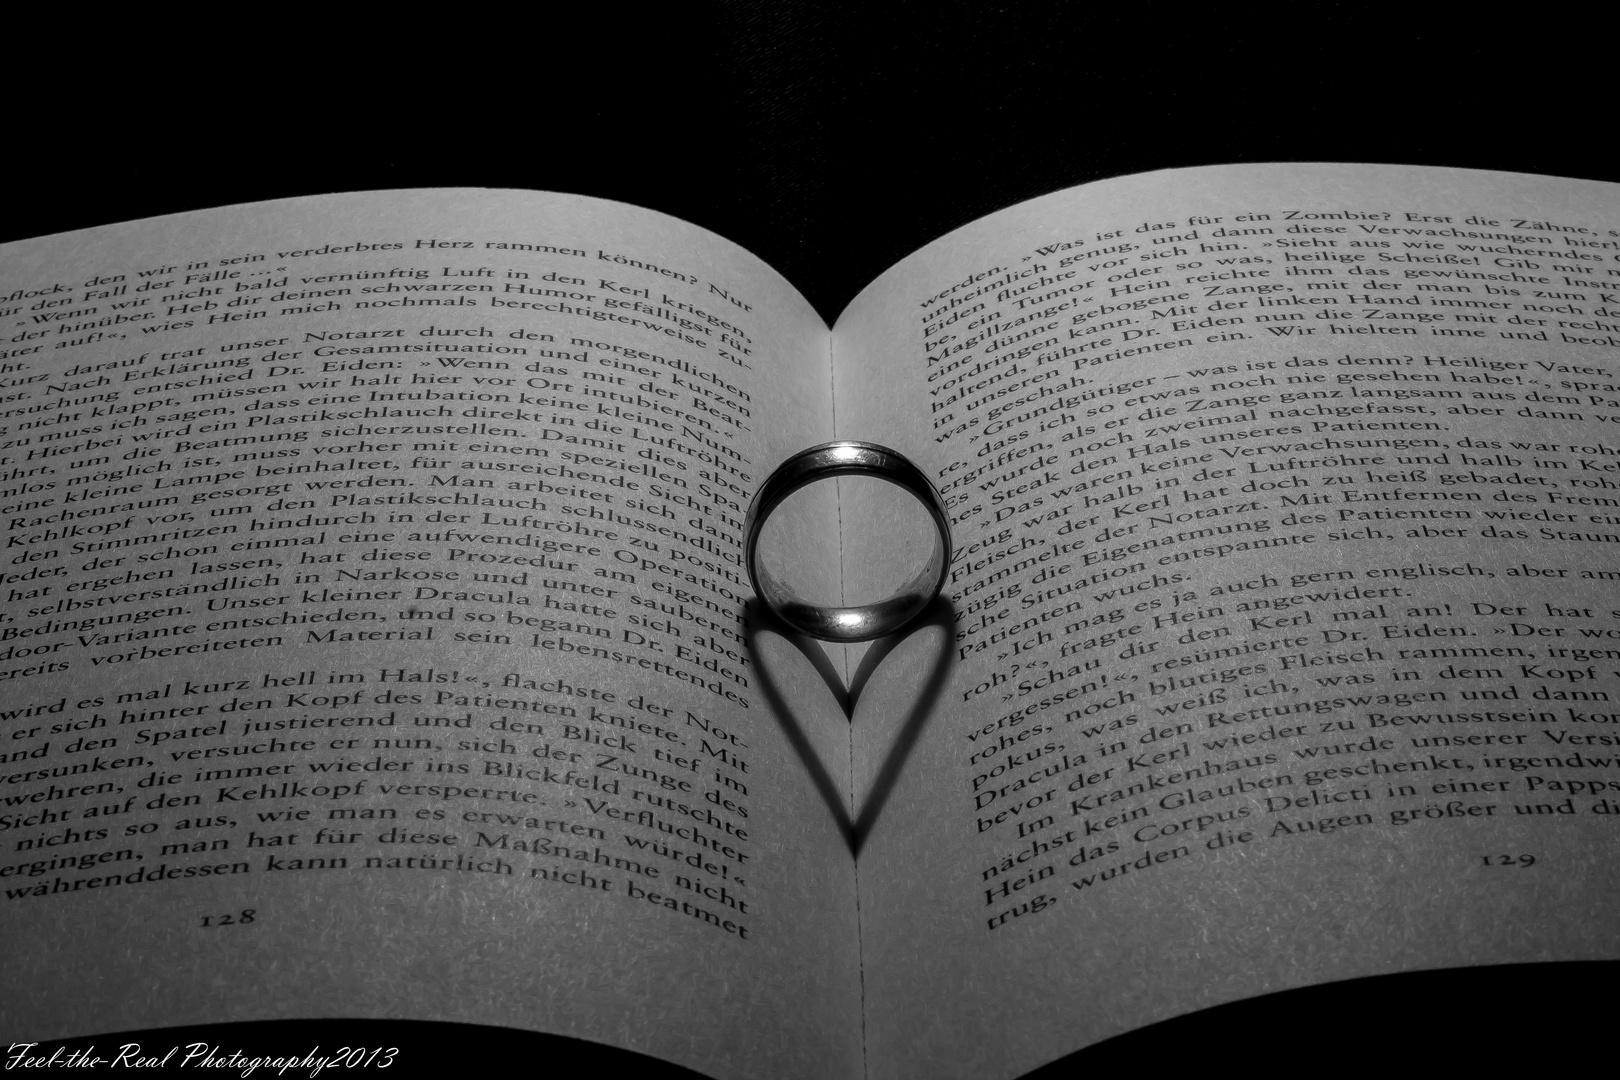 Der Ring oder das Herz???